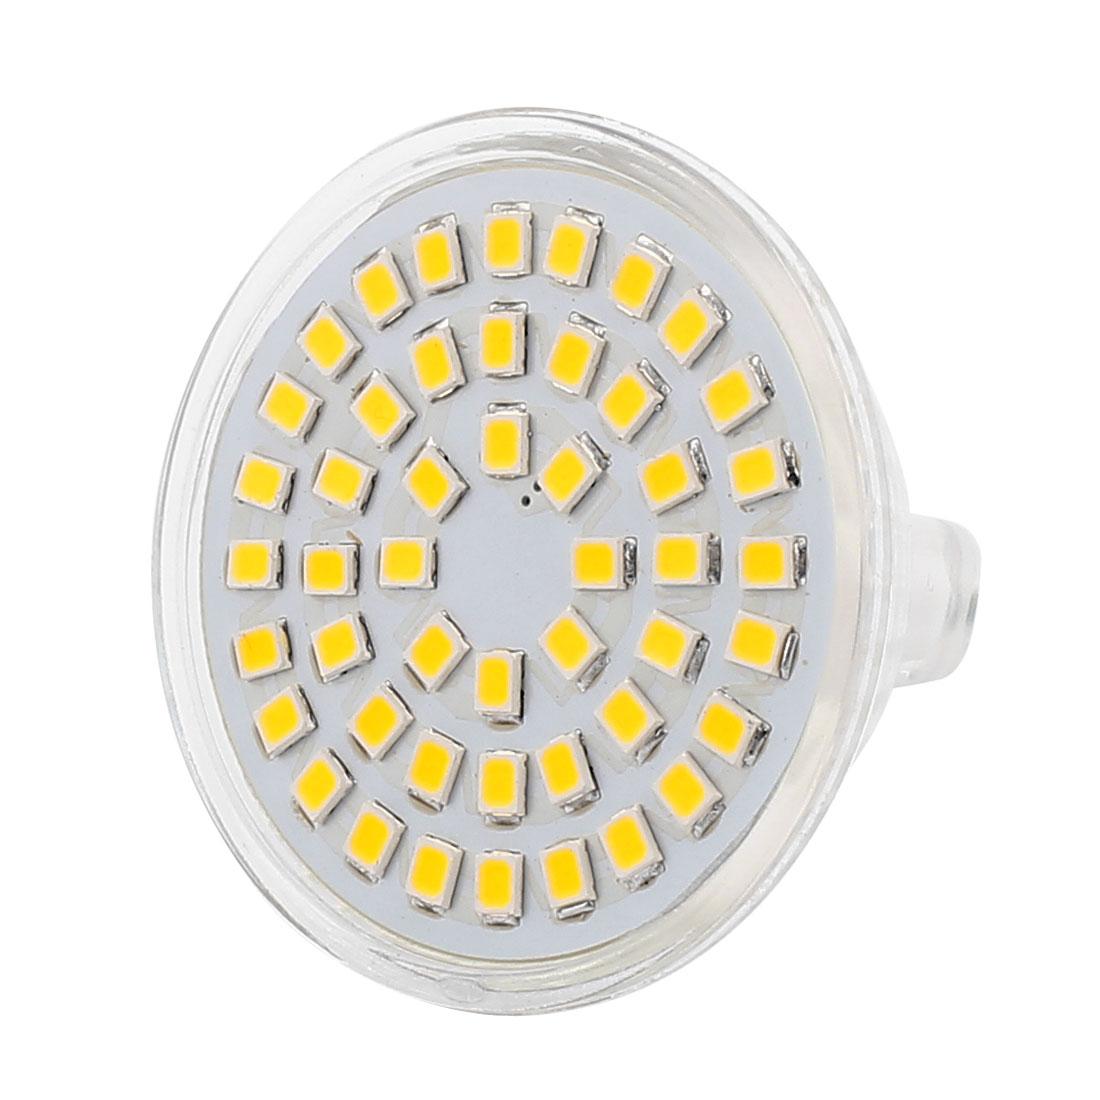 110V 4W MR16 2835 SMD 48 LEDs LED Light Spotlight Down Lamp Lighting Warm White